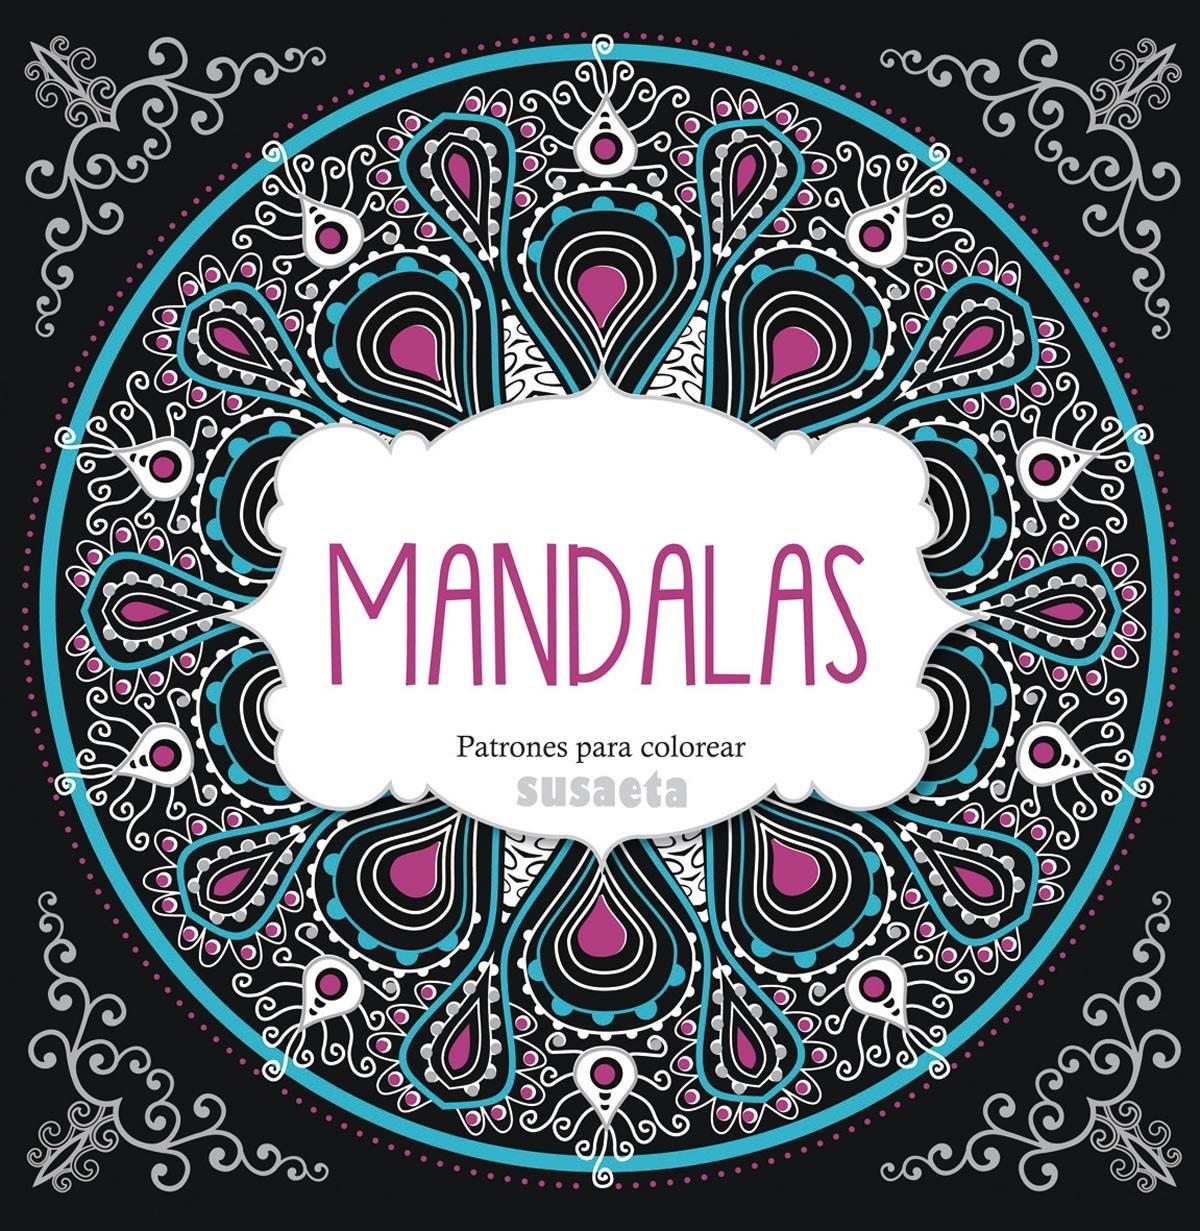 Mandalas 9788467737448